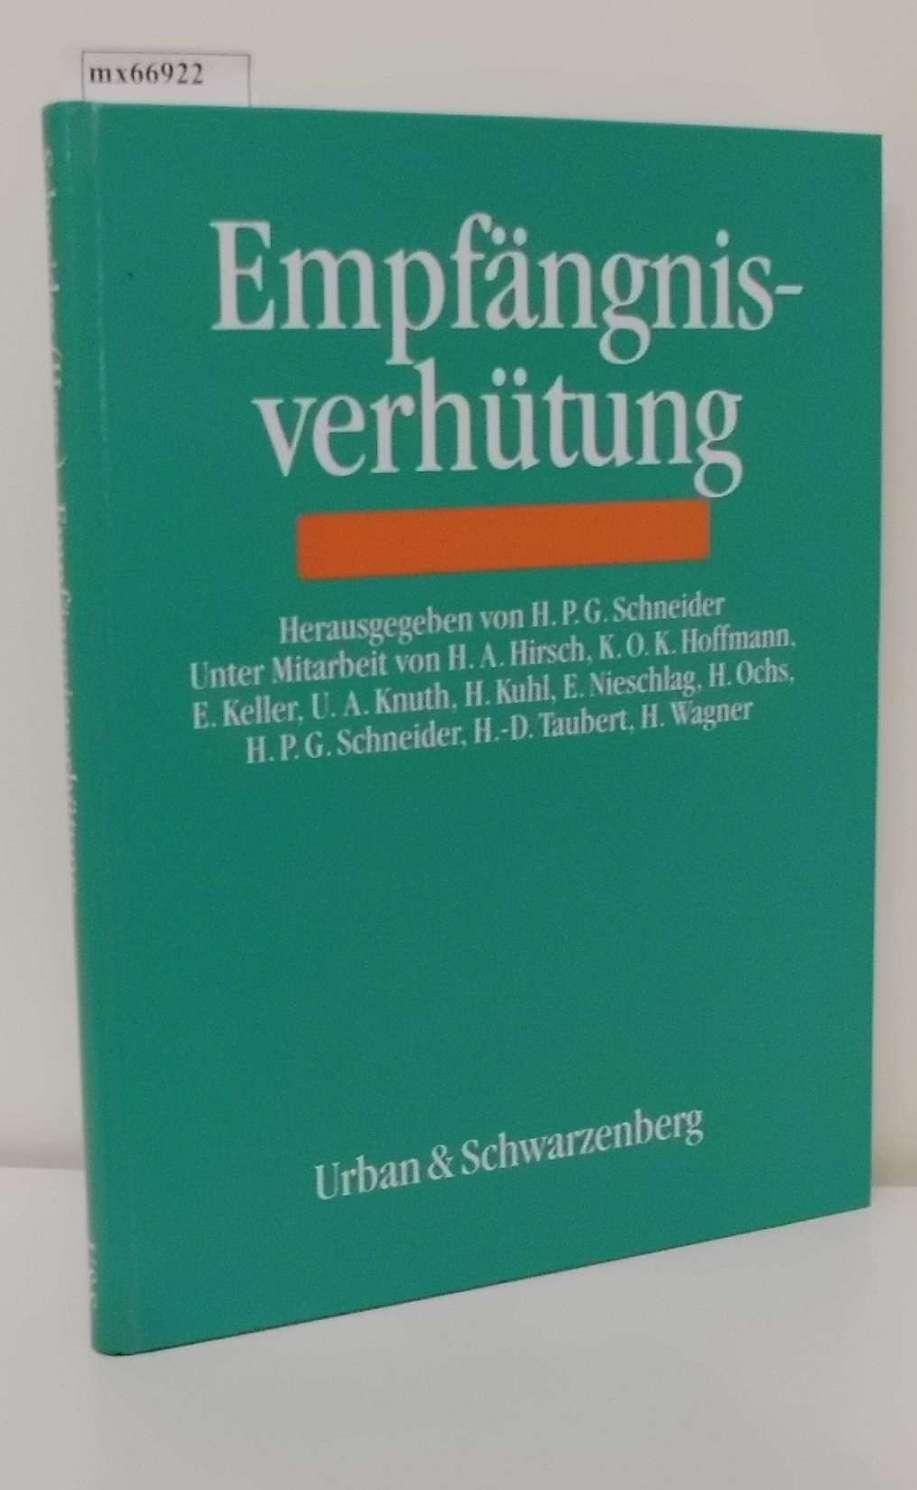 Empfängnisverhütung hrsg. von H. P. G. Schneider. Unter Mitarb. von H. A. Hirsch ...